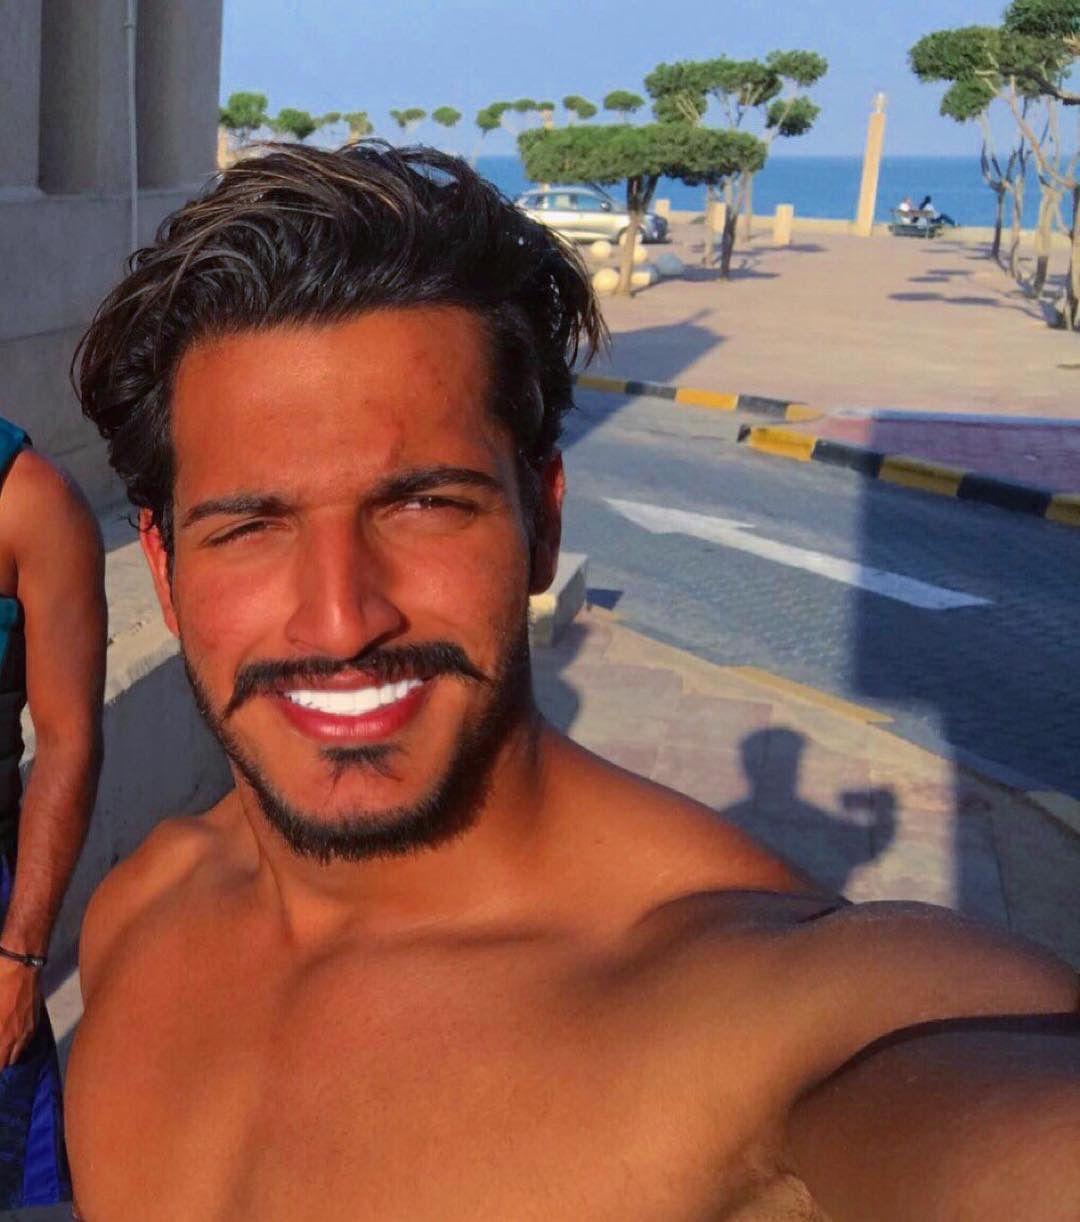 Kuwaiti Men Essa Almarzoug Kuwaiti Guys Arab Men Gulf Arab Men Khaleeji Men Handsome Khaliji Men شباب الكويت عيسى المرزوق Arab Men Shirtless Men Beautiful Men